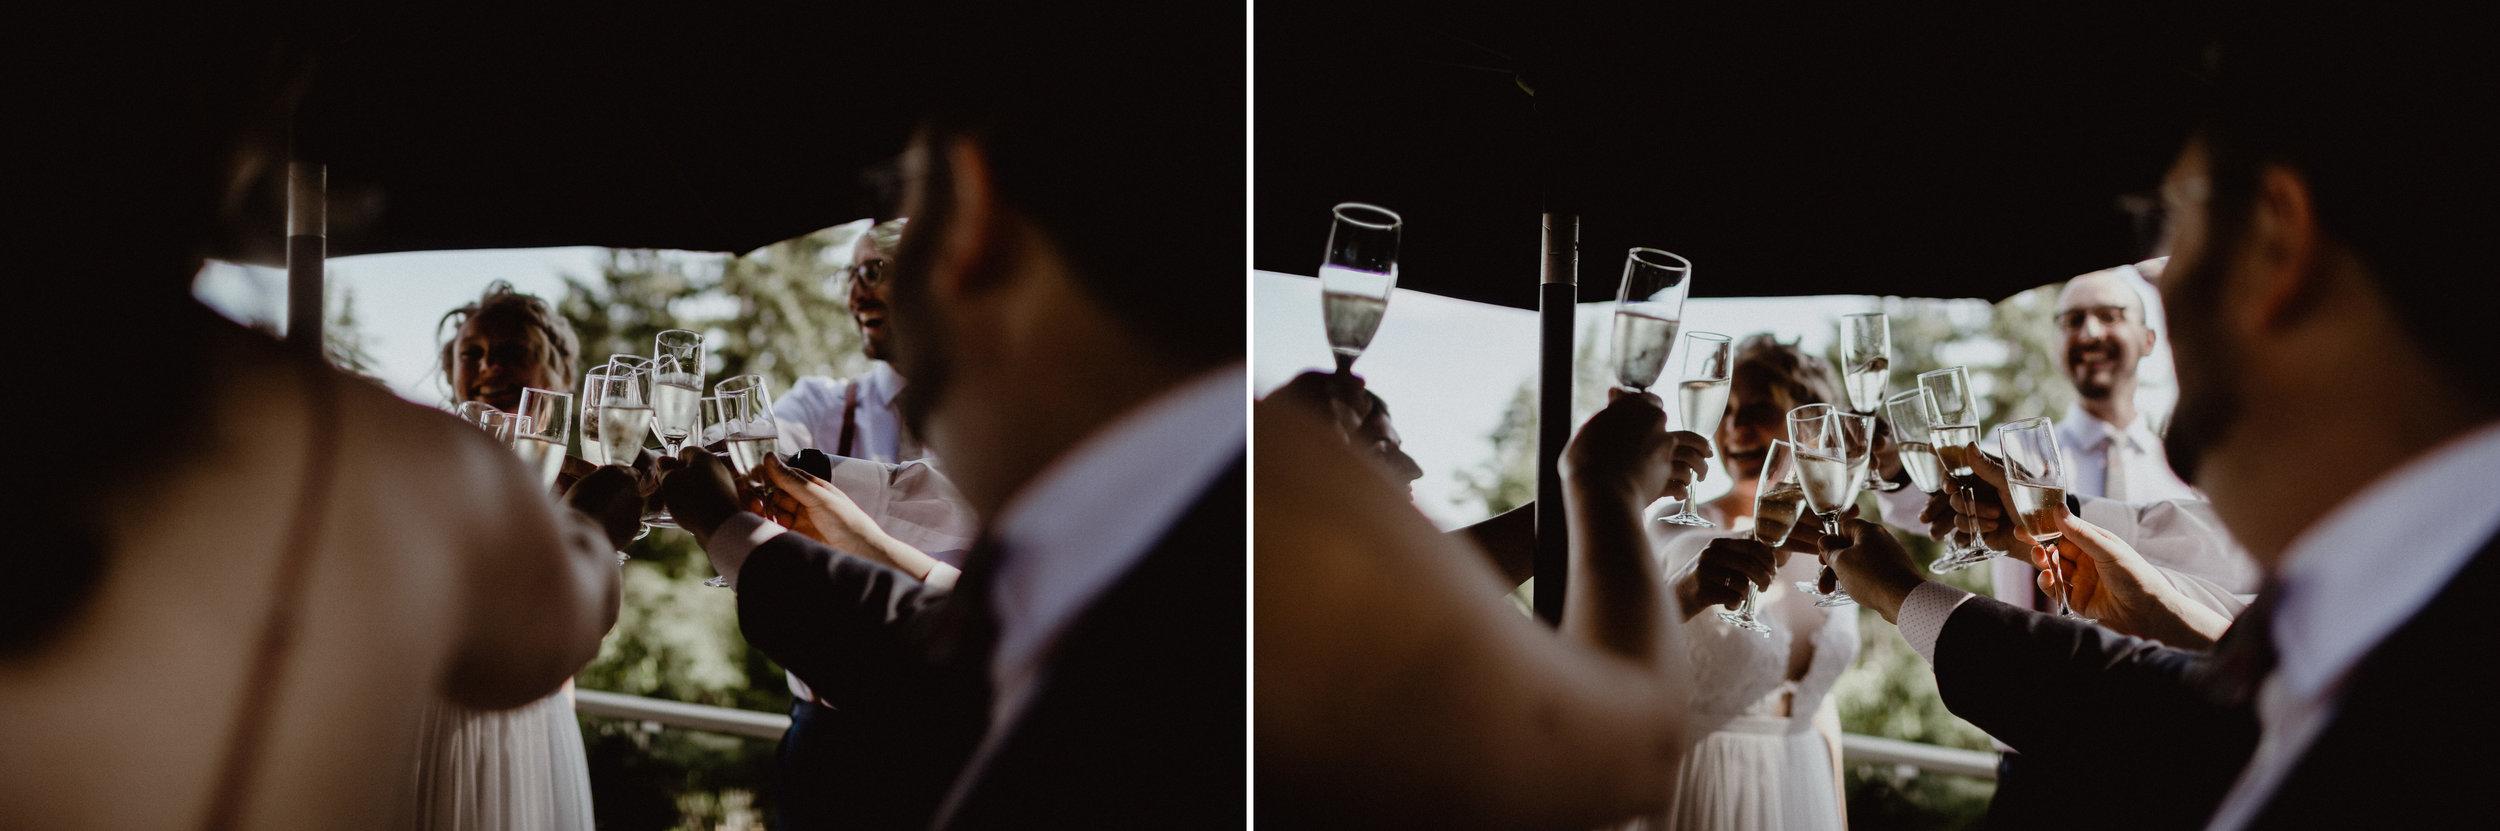 west-vancouver-backyard-wedding-141.jpg